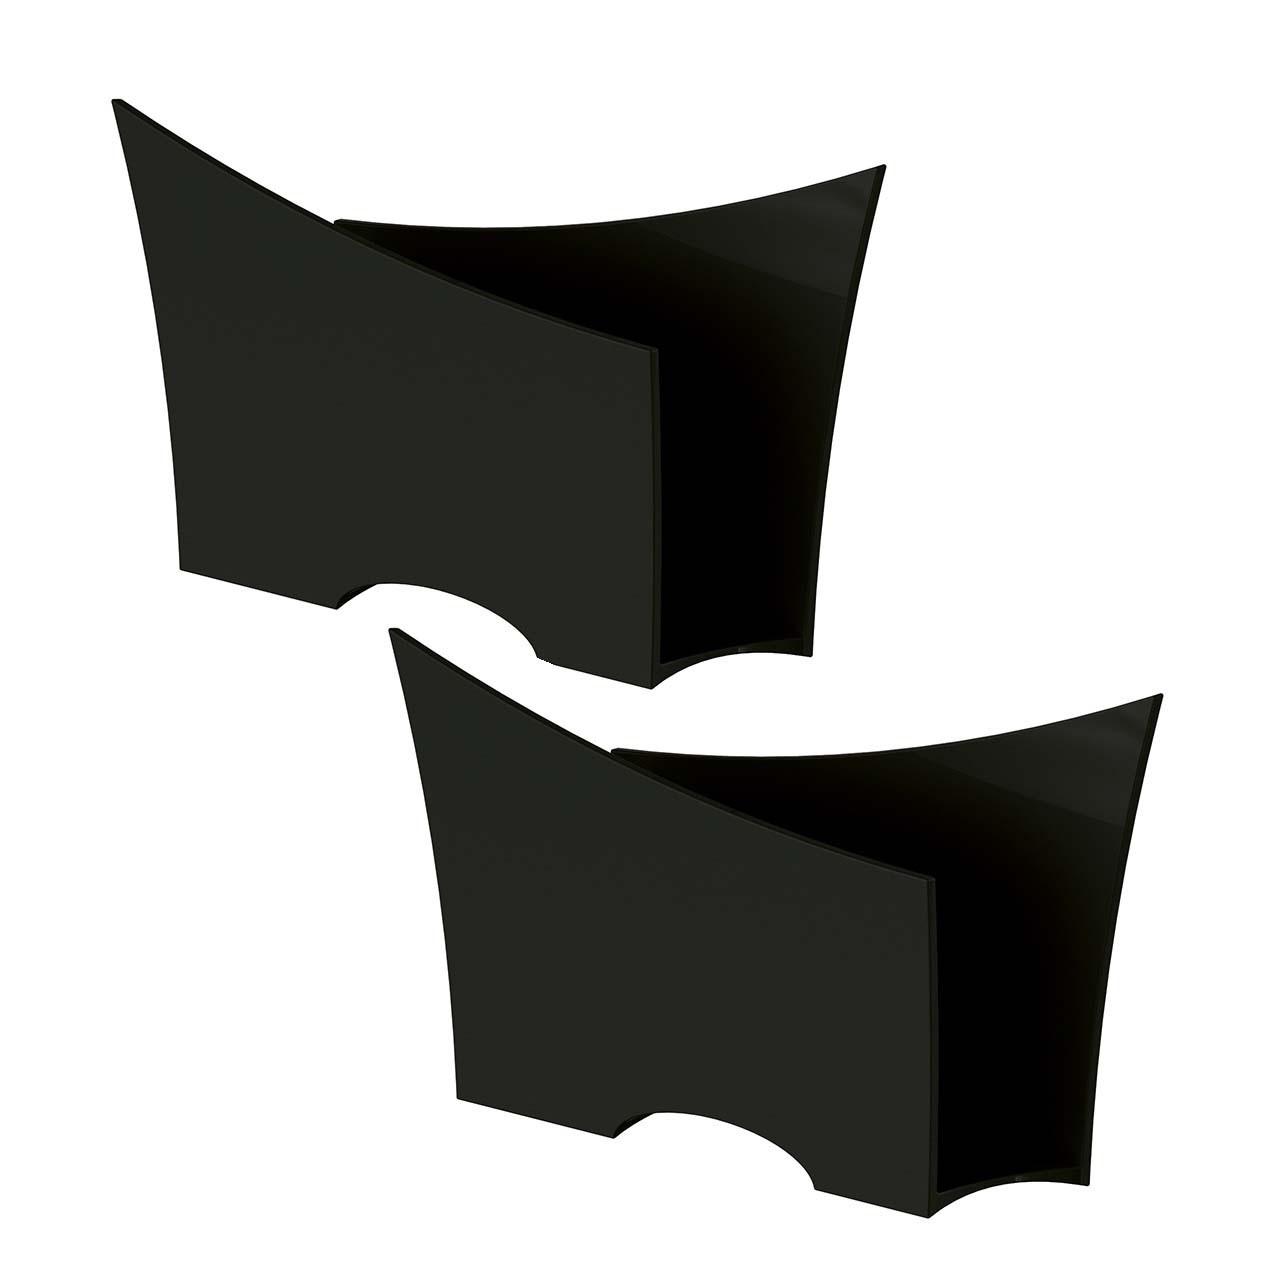 Kit 2 Porta Guardanapo Quadrado Plástico UZ Preto